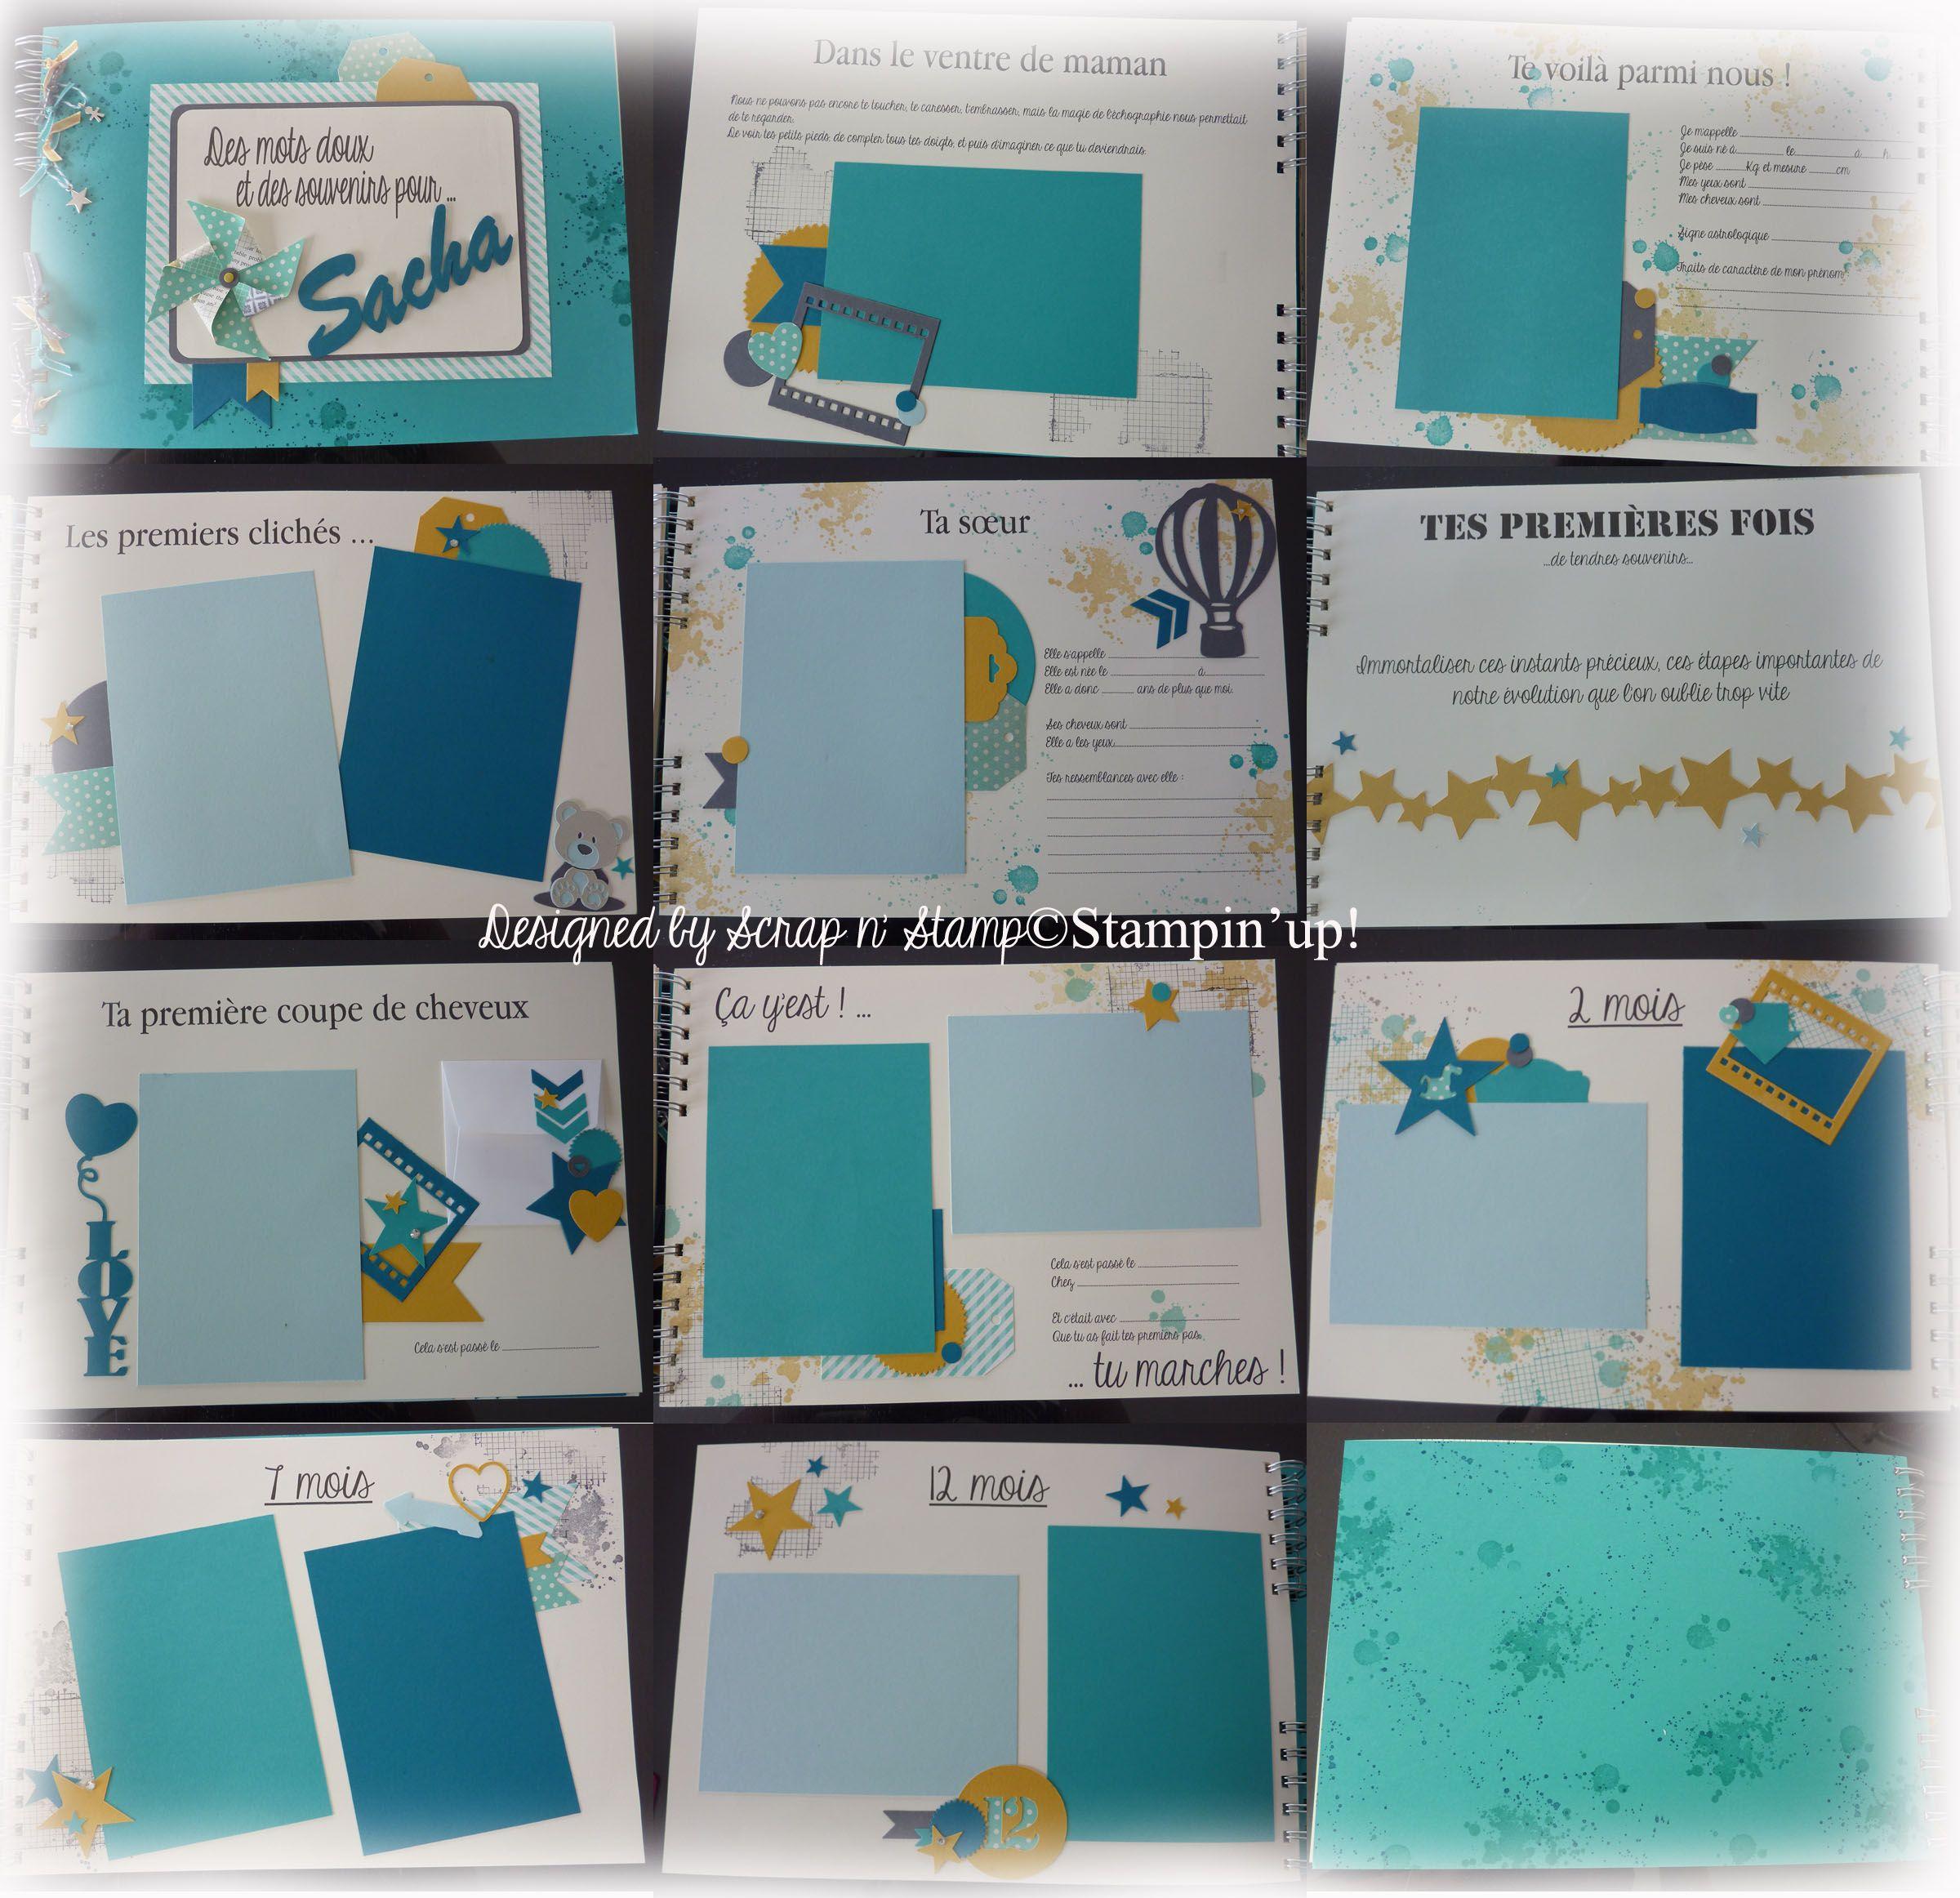 livre de naissance a4 paysage cama eu de bleu avec une touche de jaune pour donner du pep 39 s. Black Bedroom Furniture Sets. Home Design Ideas